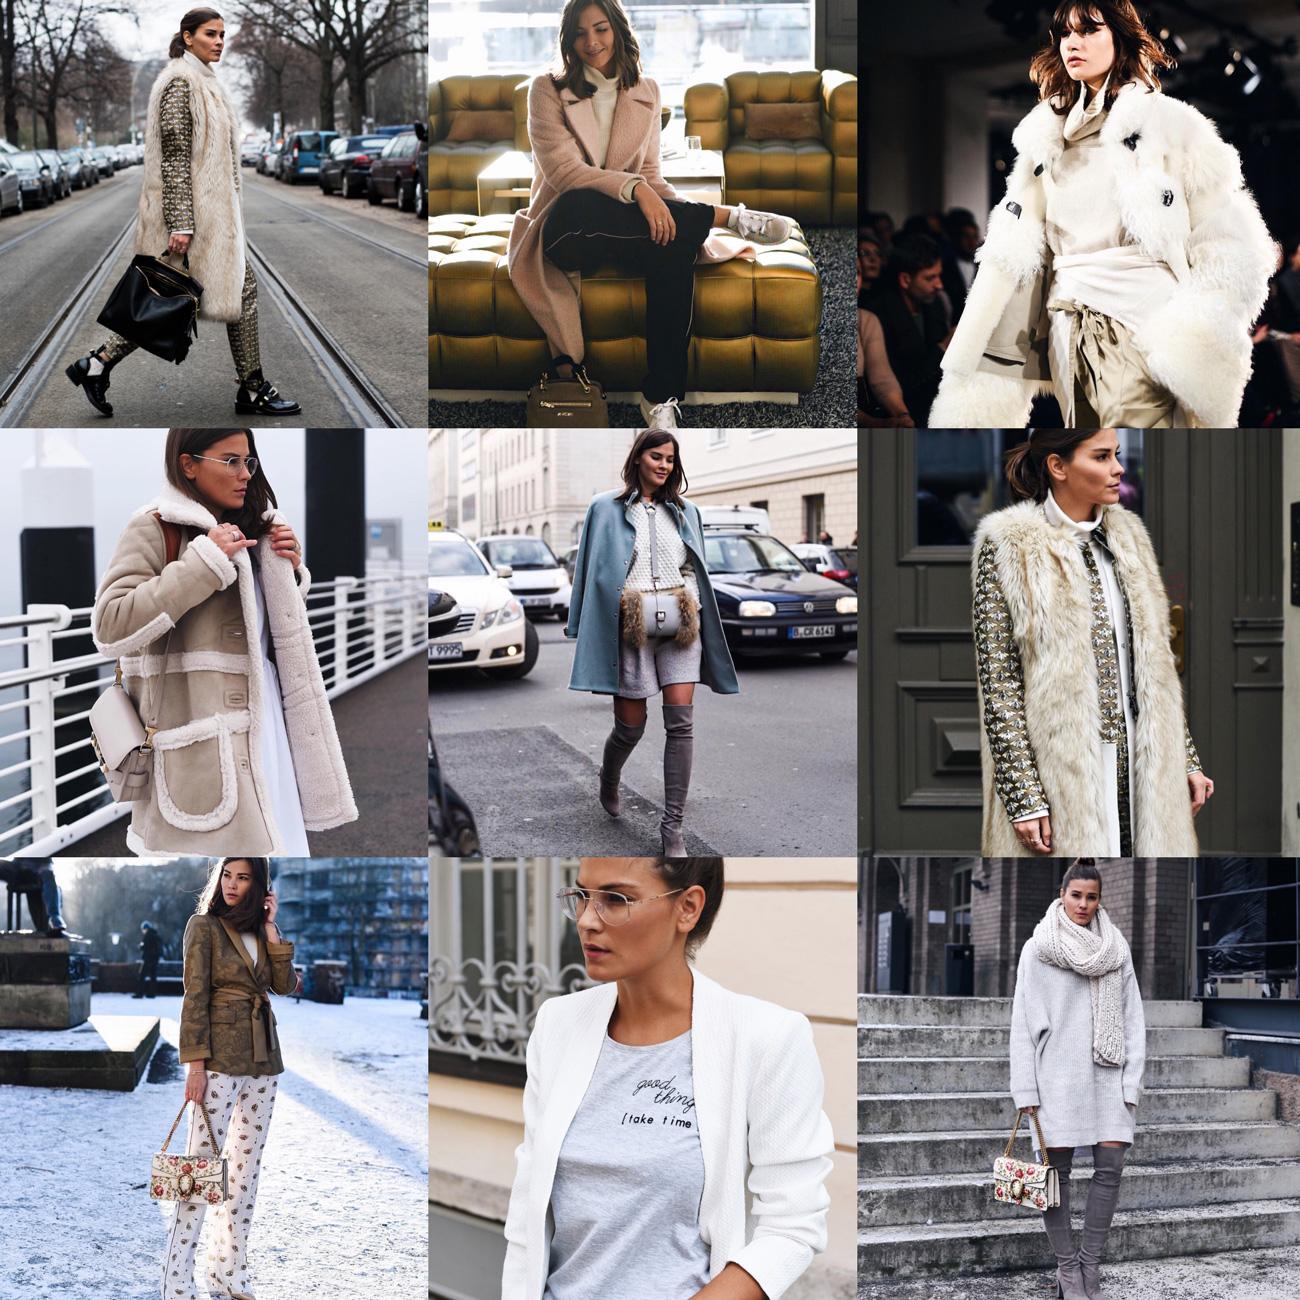 berlin-fashion-week-zusammenfassung-review-blogger-fashiioncarpet